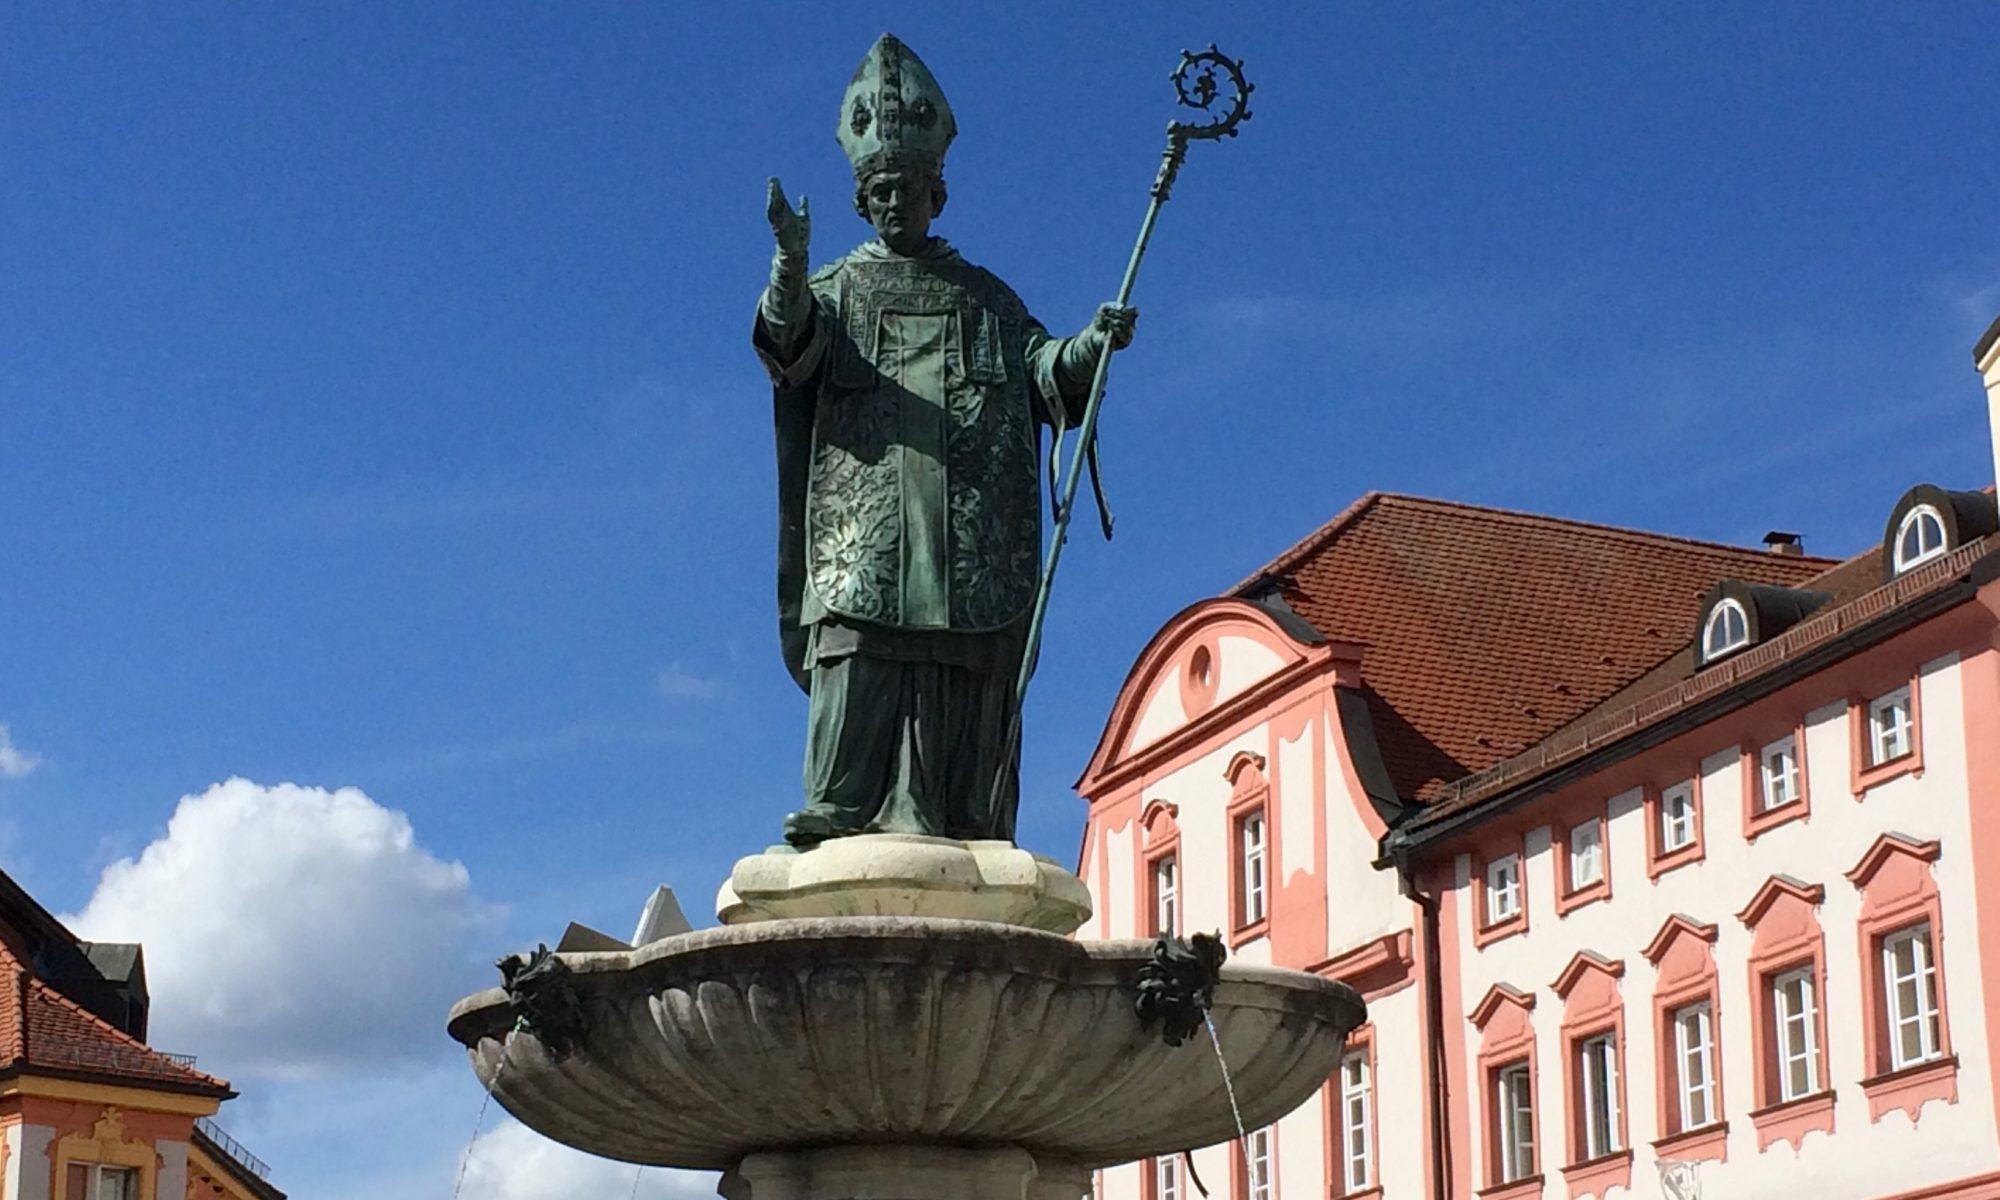 Willibaldsbrunnen auf dem Eichstätter Marktplatz. | Foto: B. Schneider